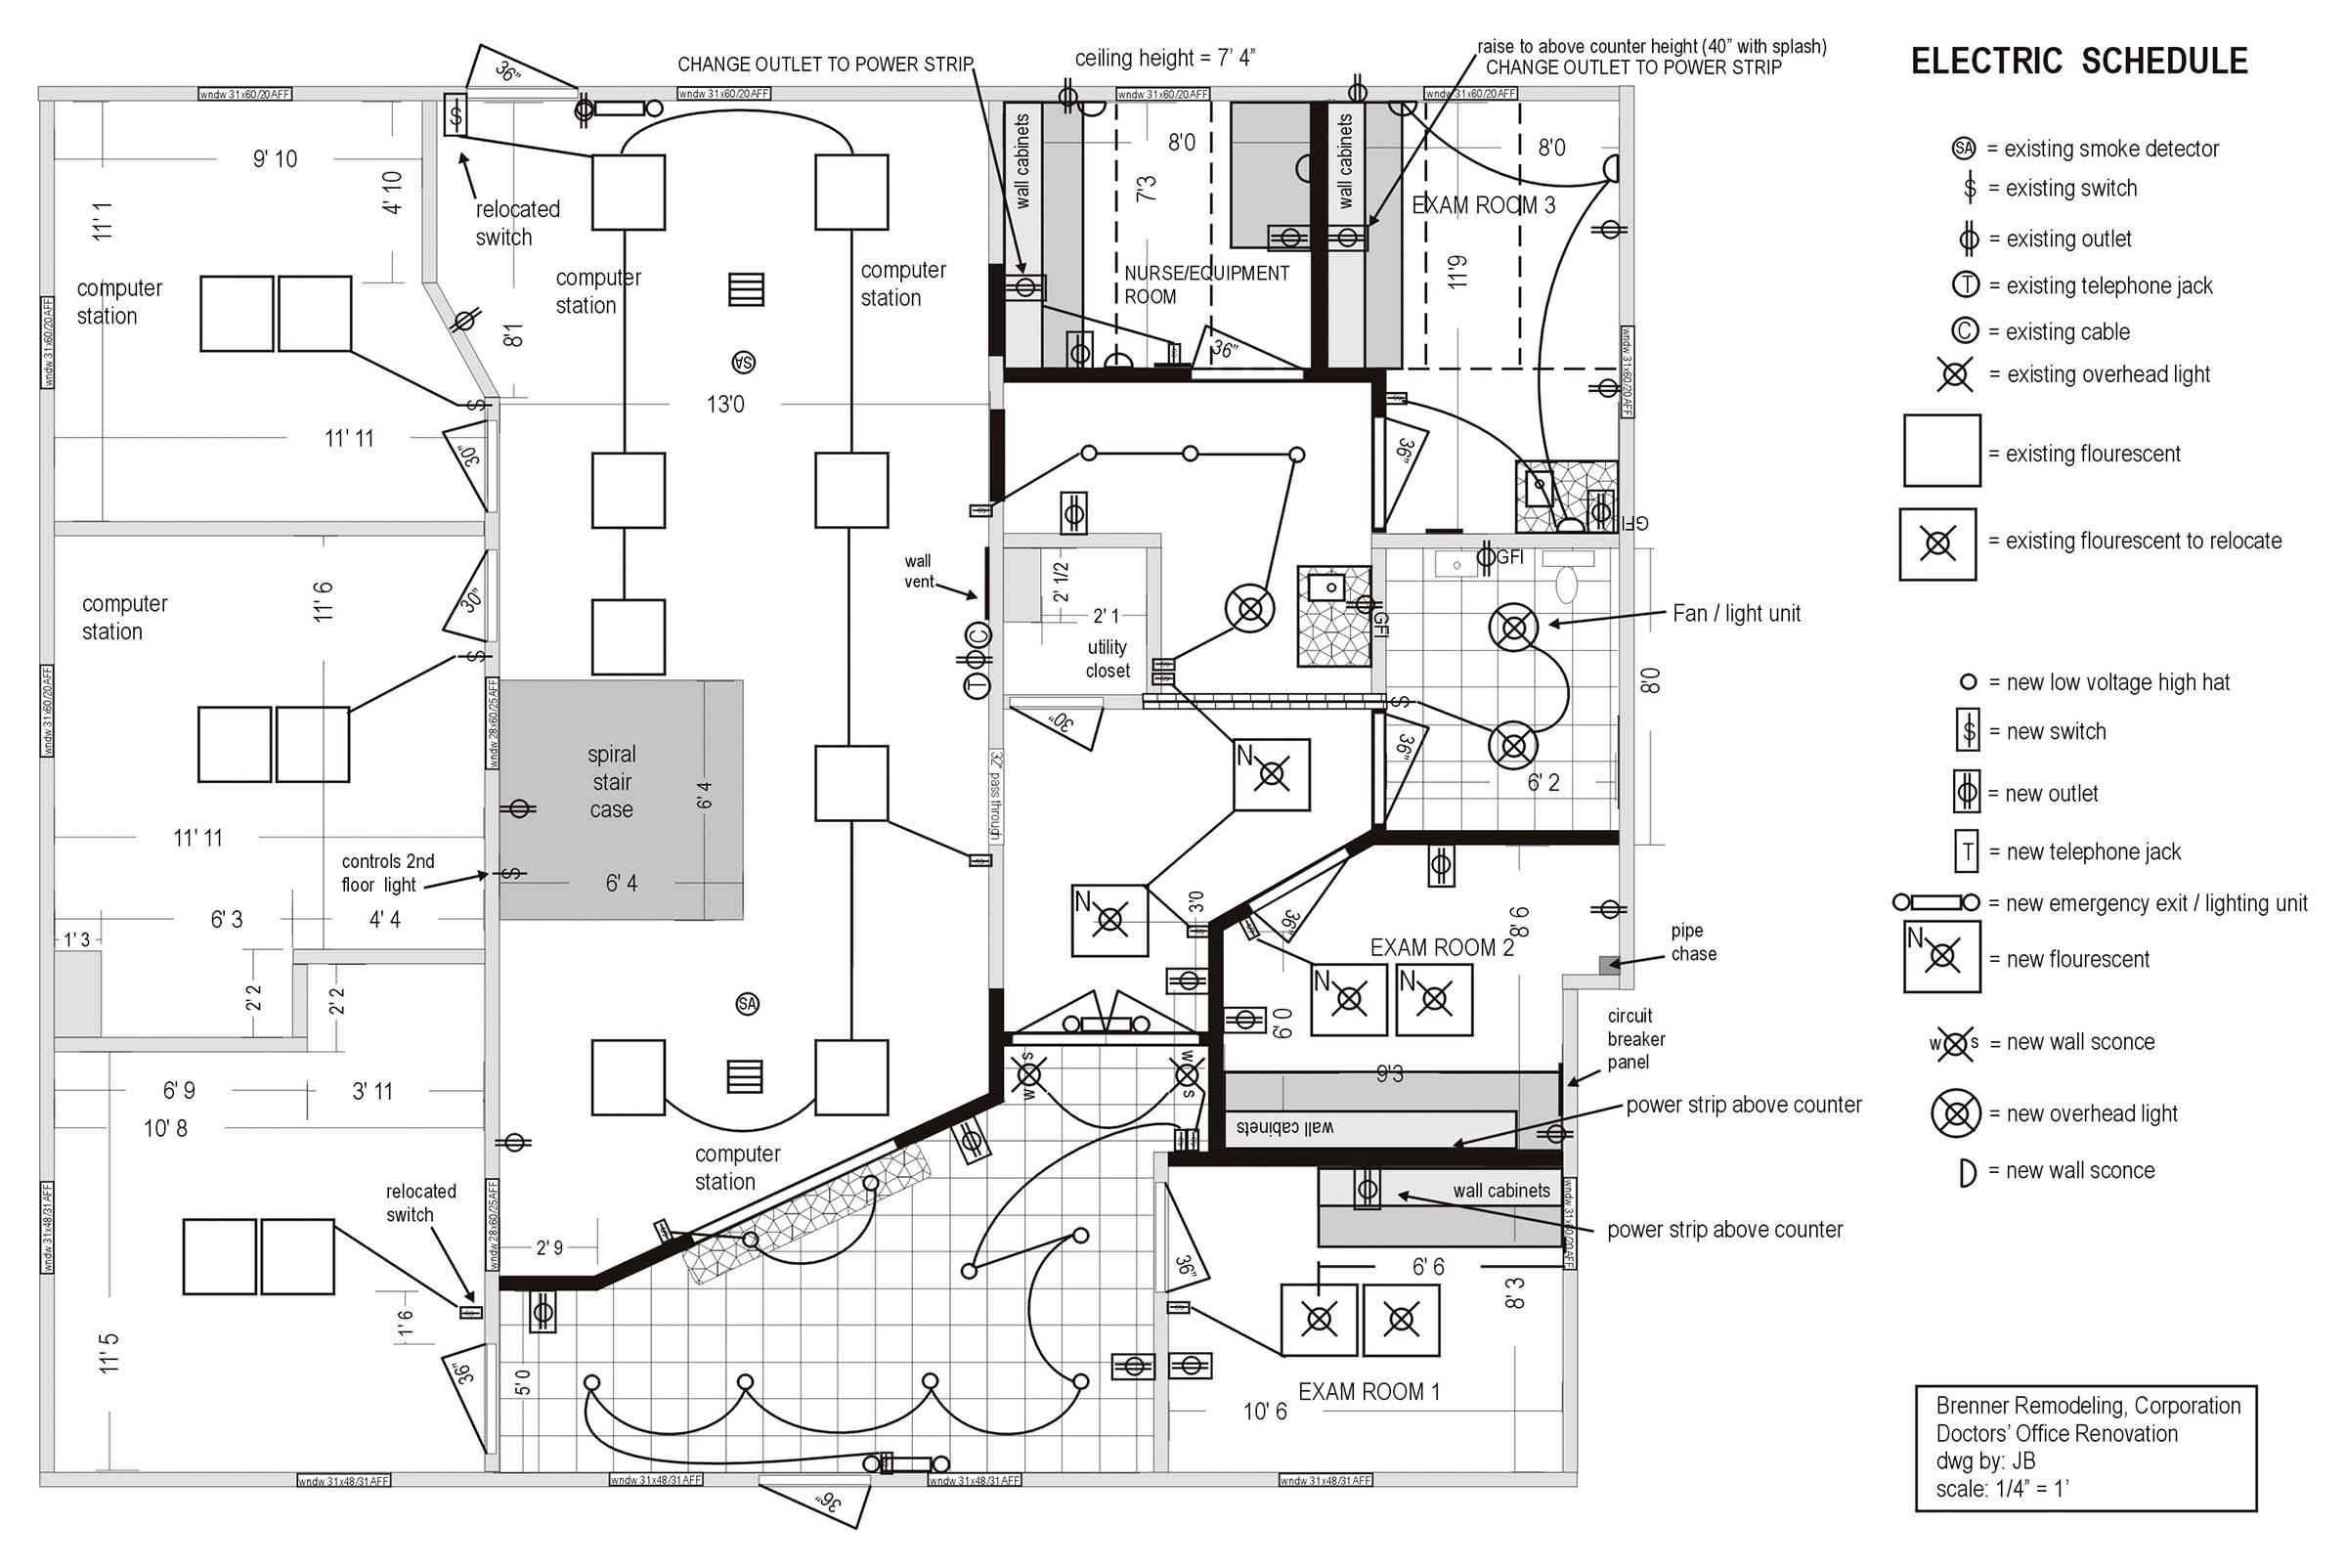 Brenner Remodeling Design Services